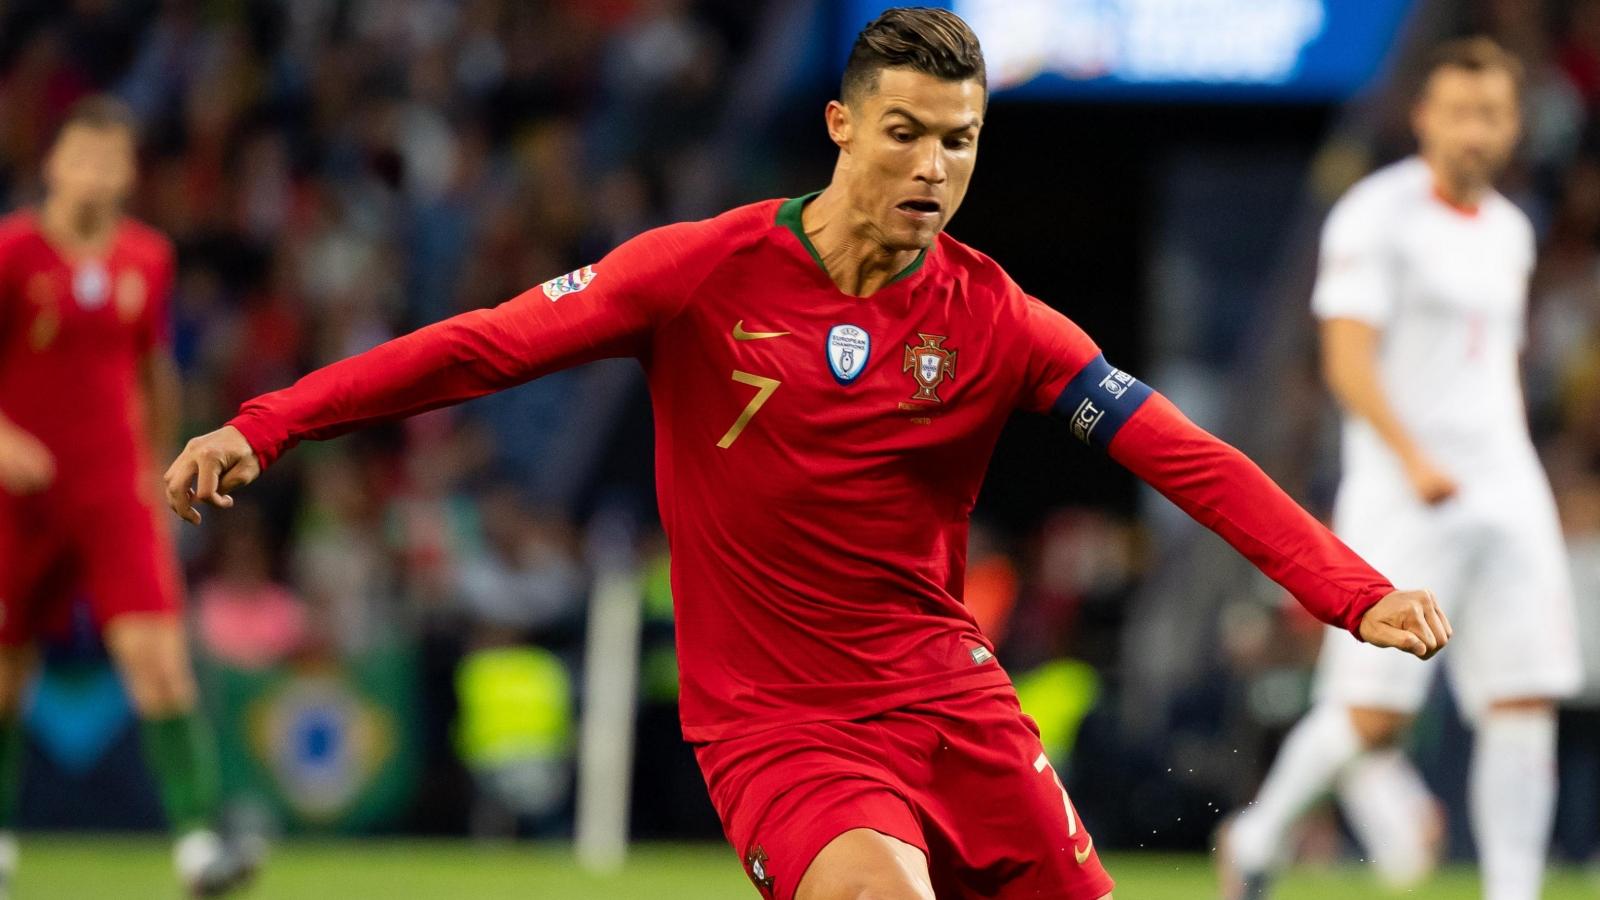 ĐT Bồ Đào Nha – ĐT Croatia: Cột mốc vẫy gọi, Cristiano Ronaldo có kịp trở lại?